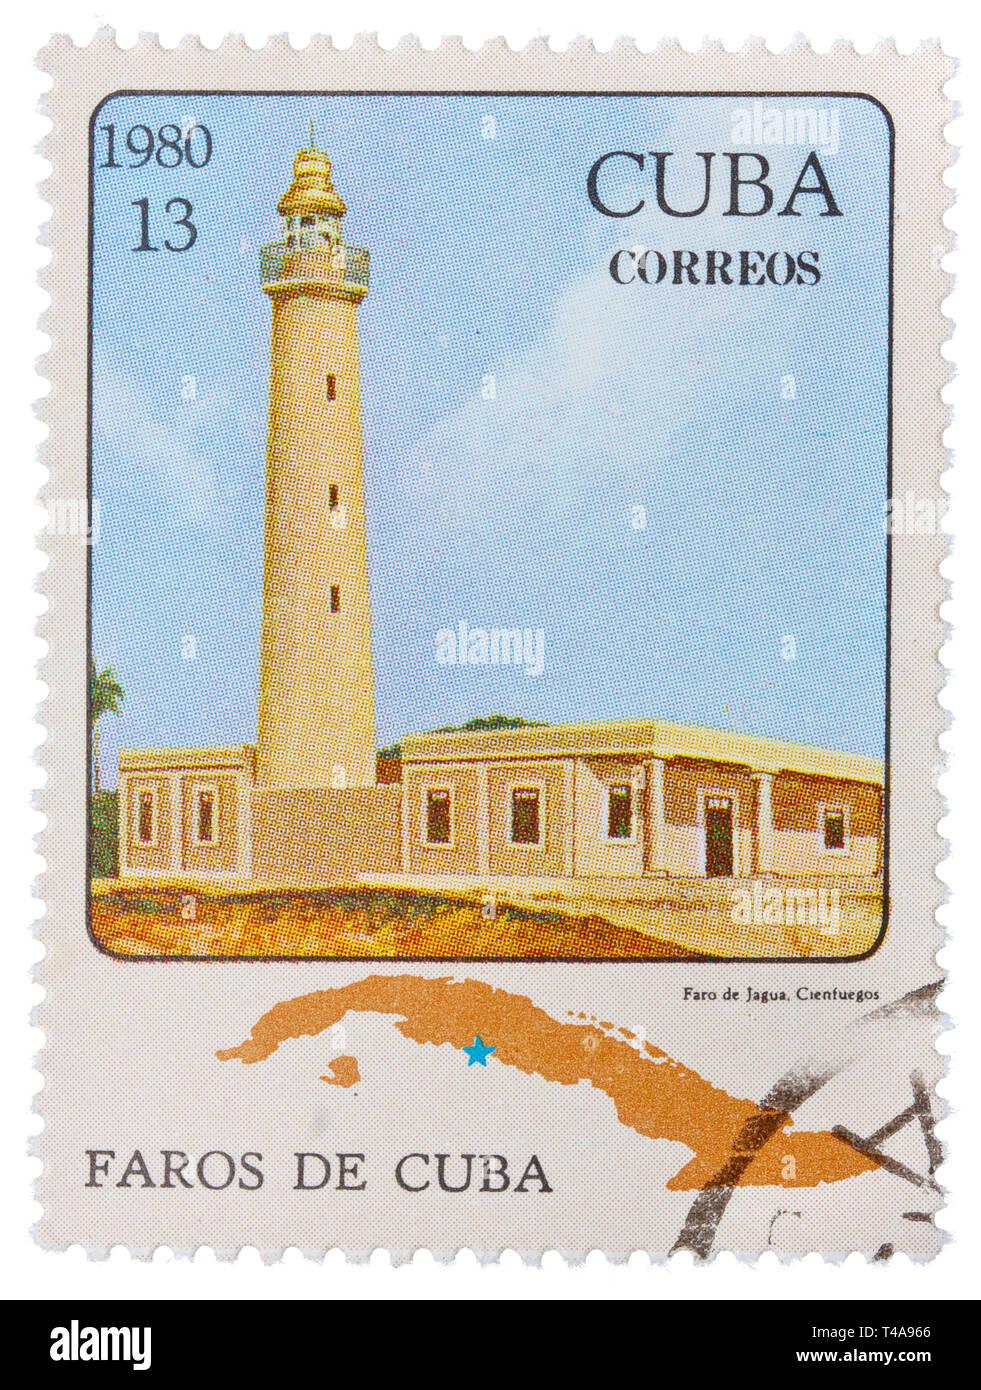 CUBA - CIRCA 1980: Stamp printed in CUBA shows image of Faros de Cuba, Correos, circa 1980 - Stock Image